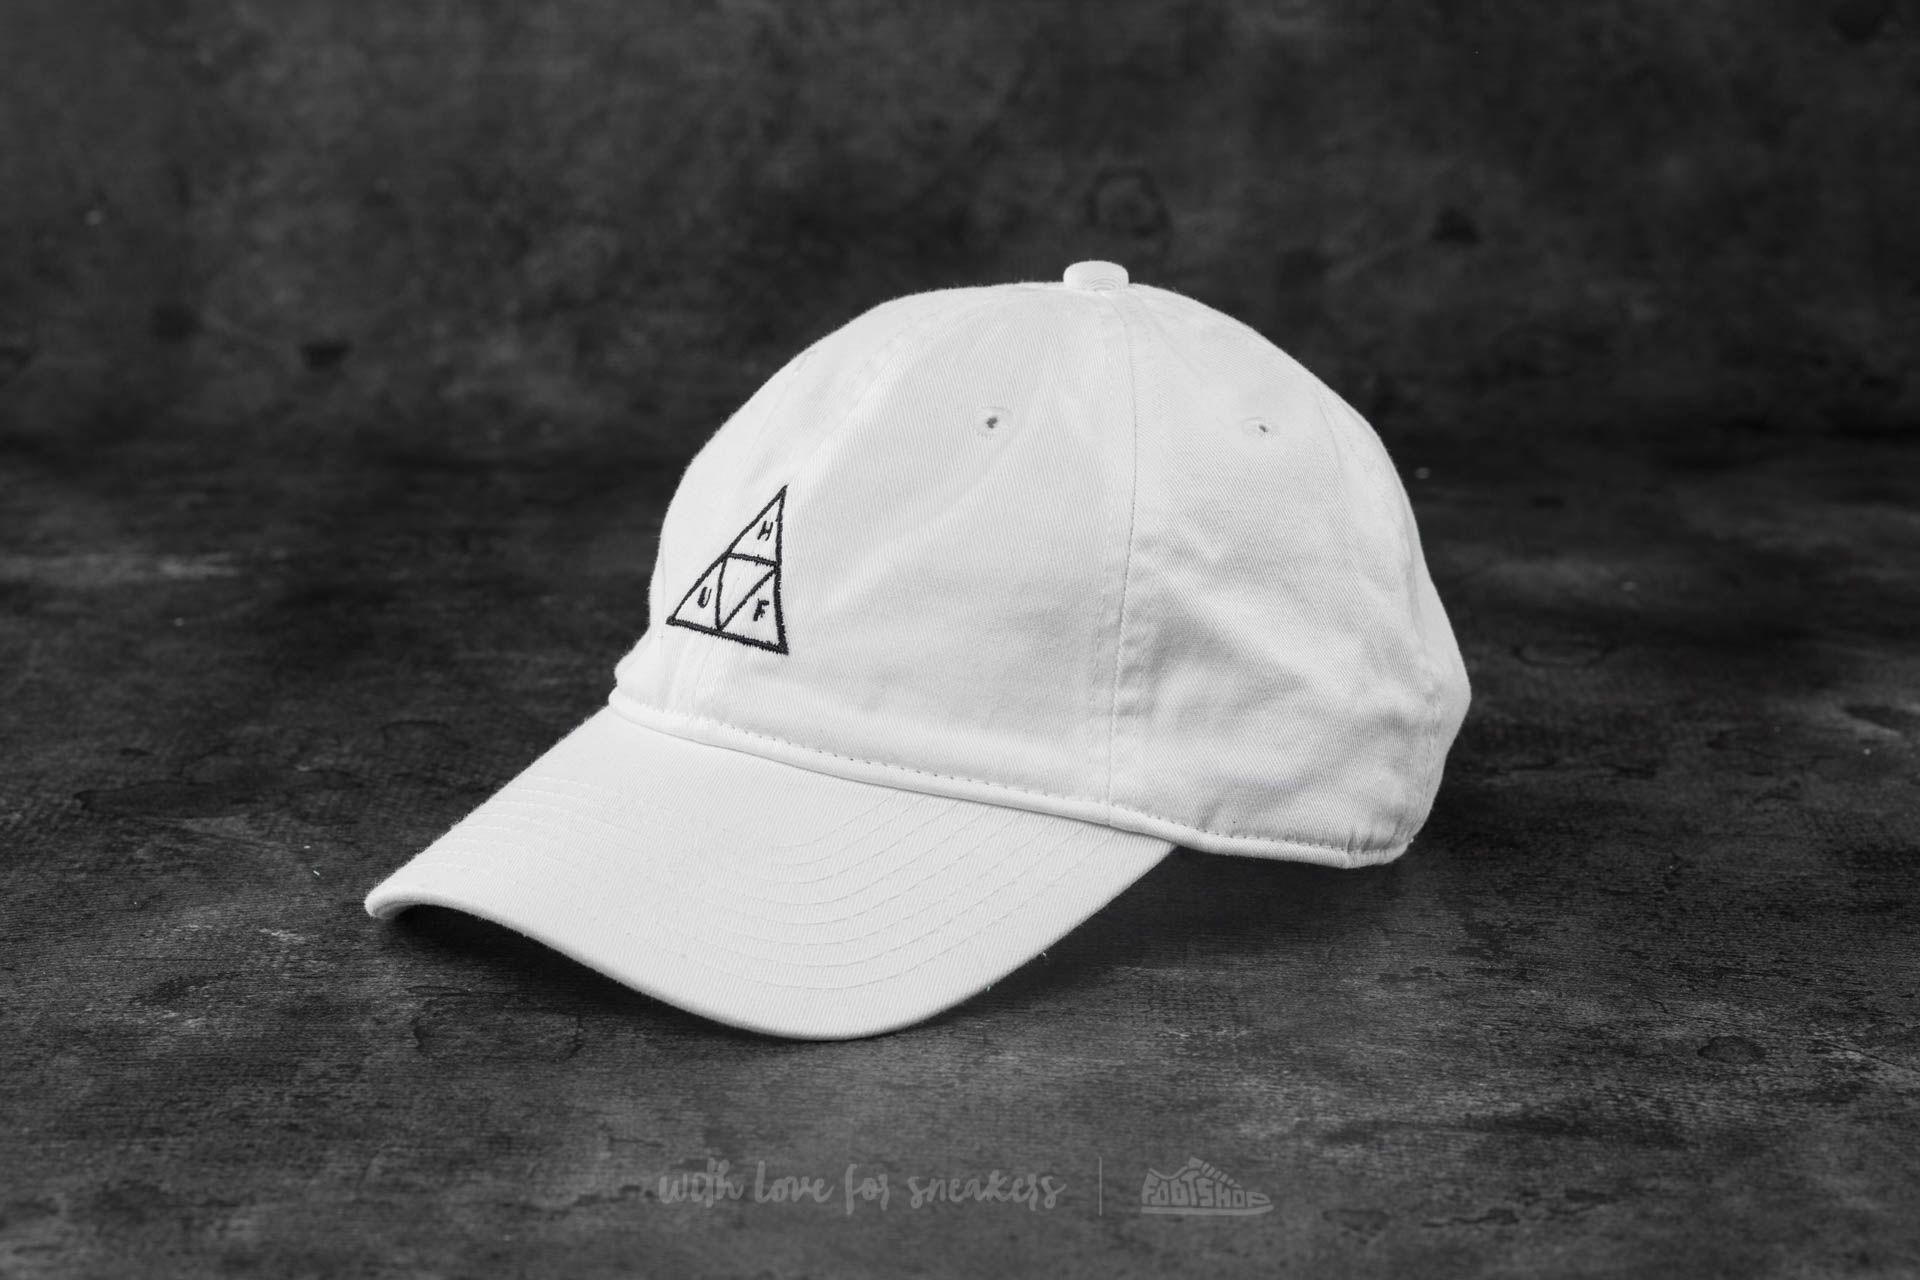 8f4a4ca67c8e4 HUF Apparel Triple Triangle Curved Brim Cap White